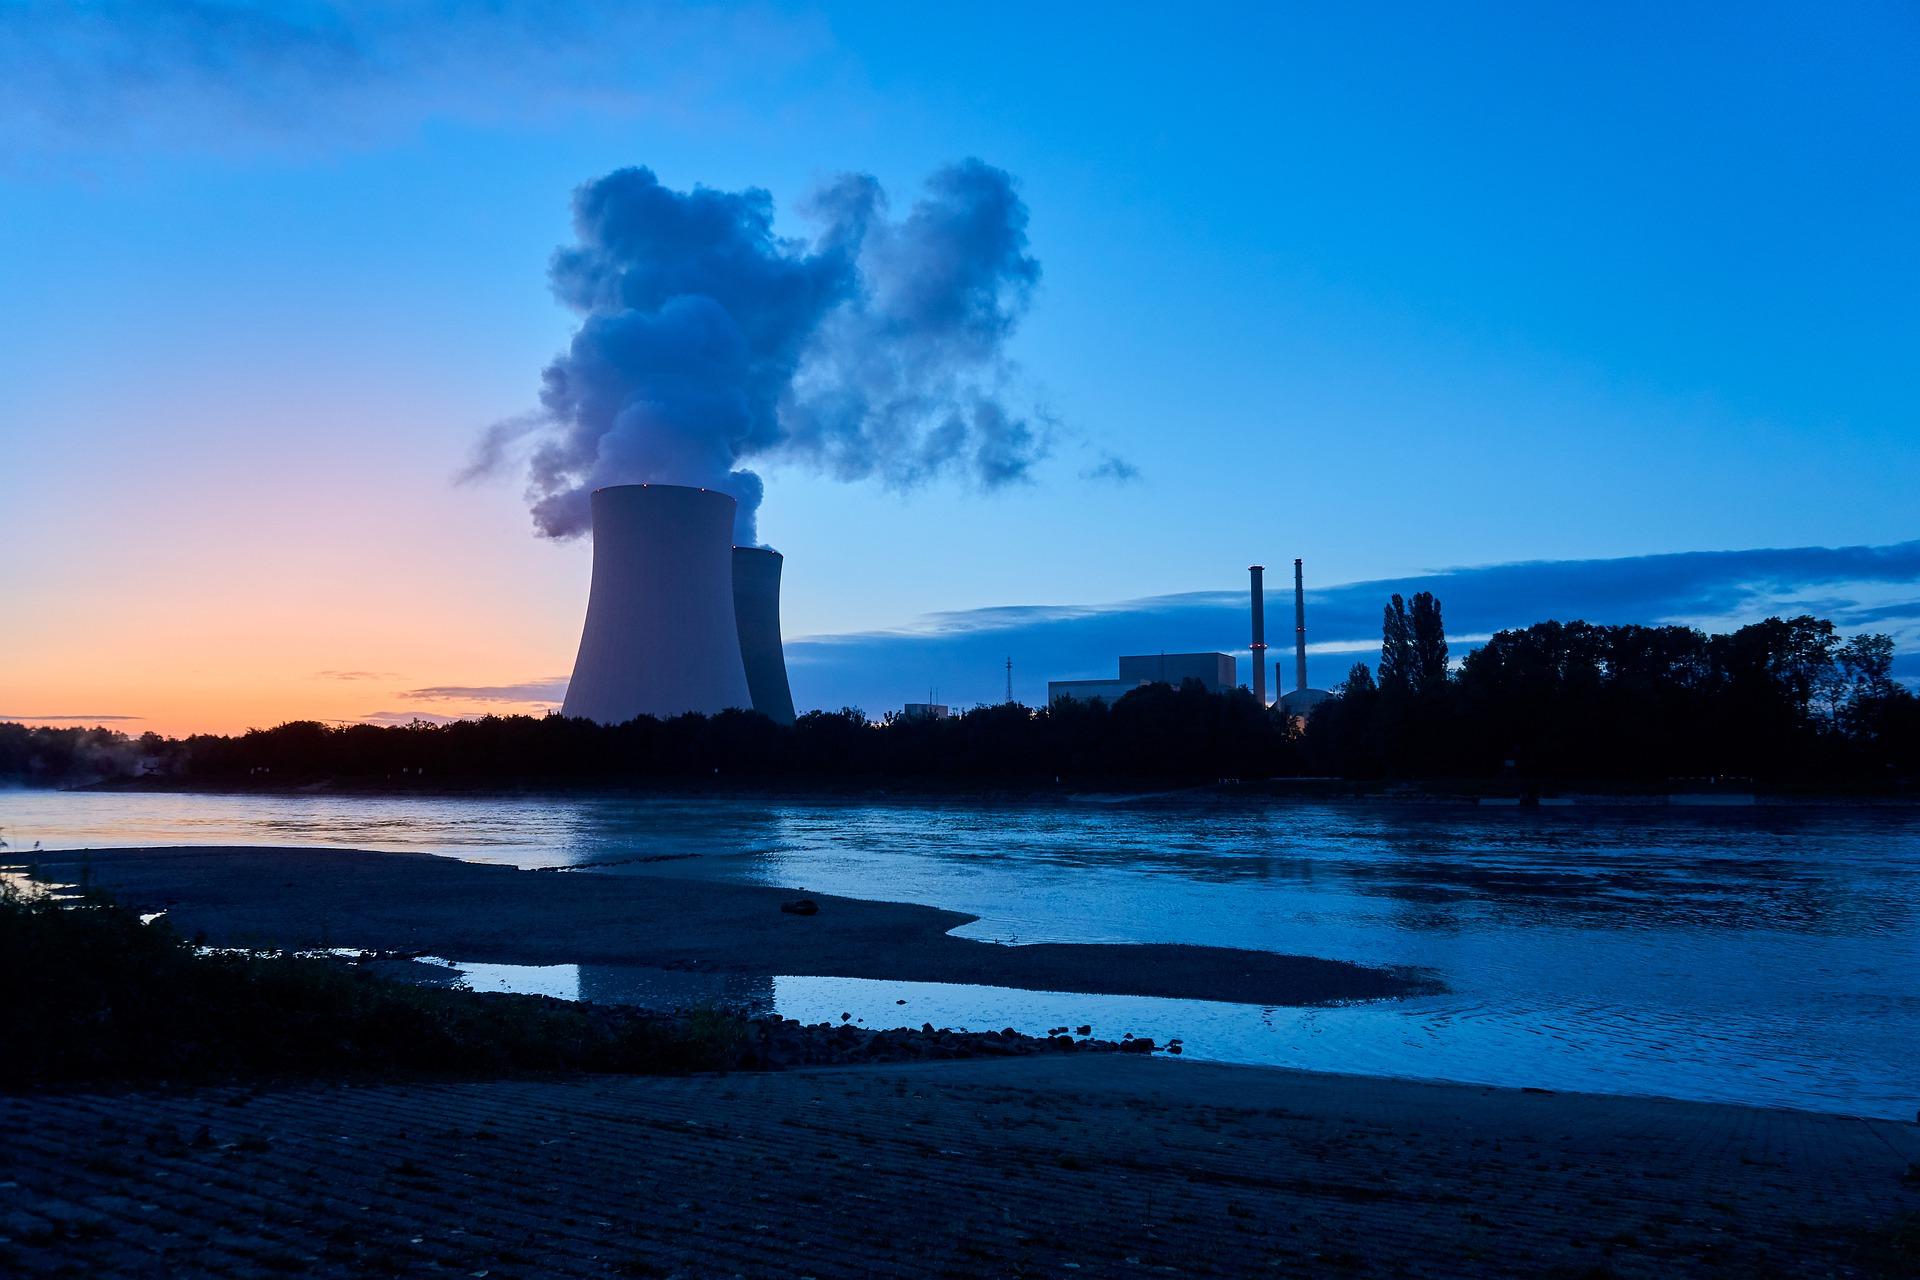 40 milioni di sterline per dare il via alla tecnologia nucleare di nuova generazione